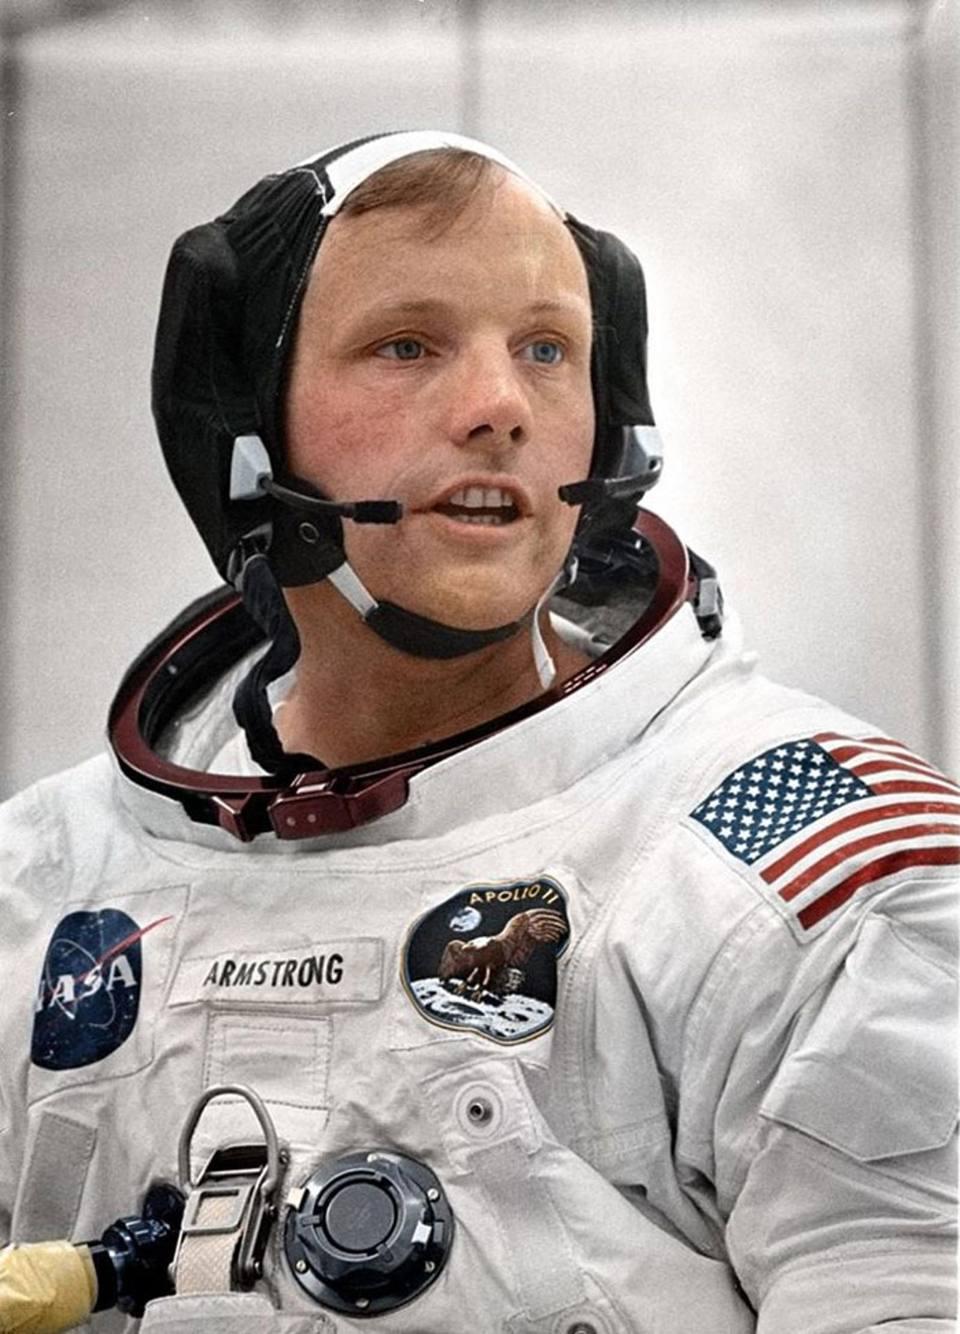 Ο πρώτος άνθρωπος που πάτησε στη Σελήνη, ο Νιλ Αρμστρονγκ,  επιχρωματισμένος